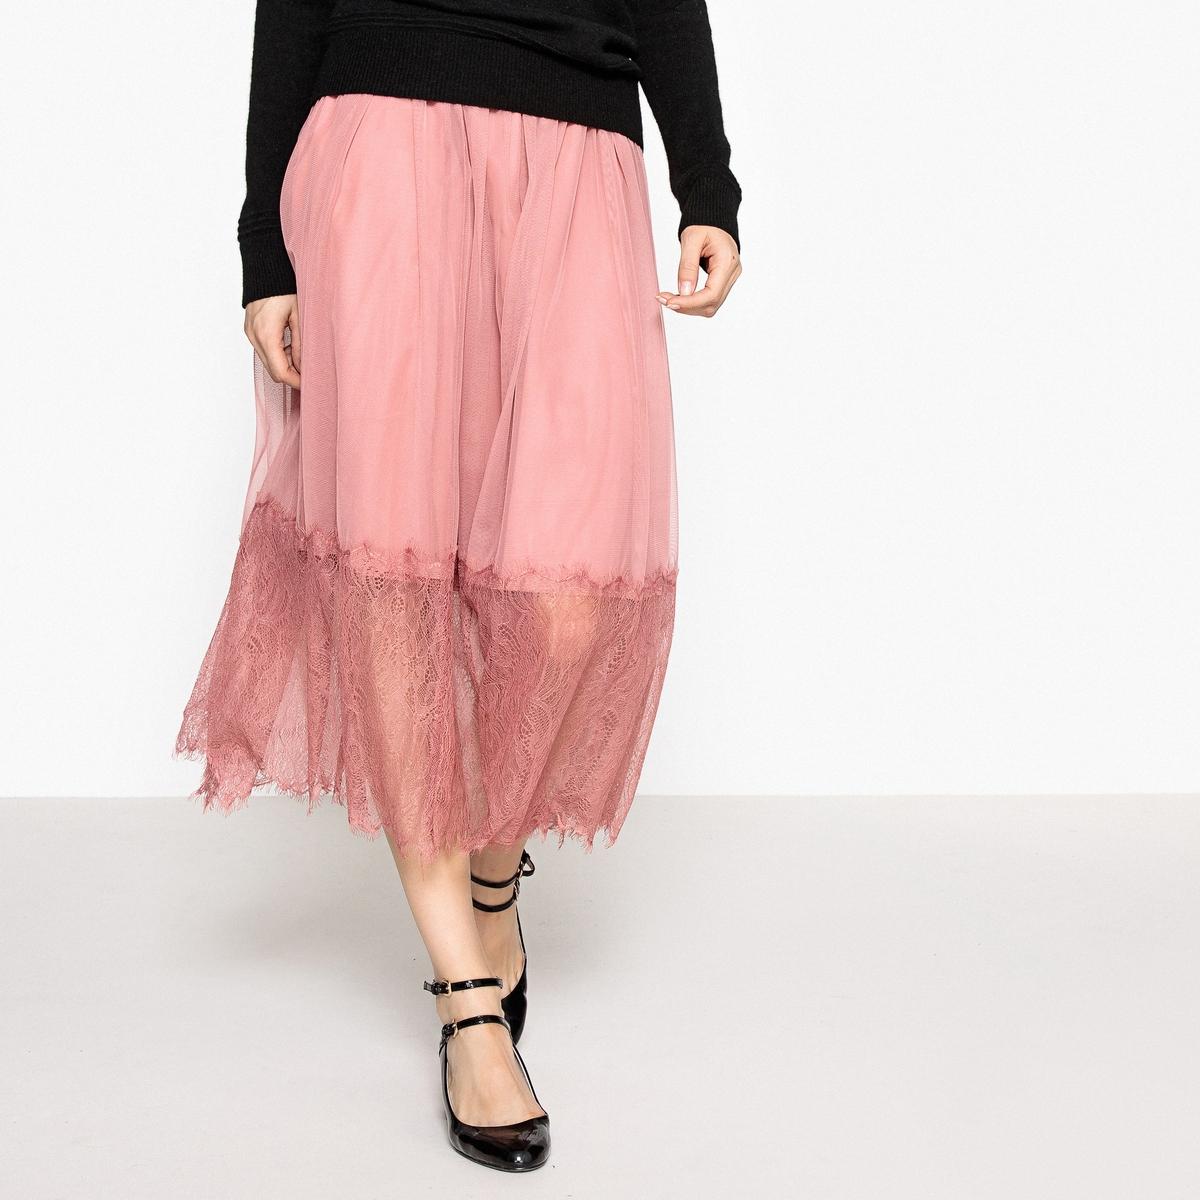 Юбка длинная с кружевной вставкой платье без рукавов с кружевной вставкой на спинке